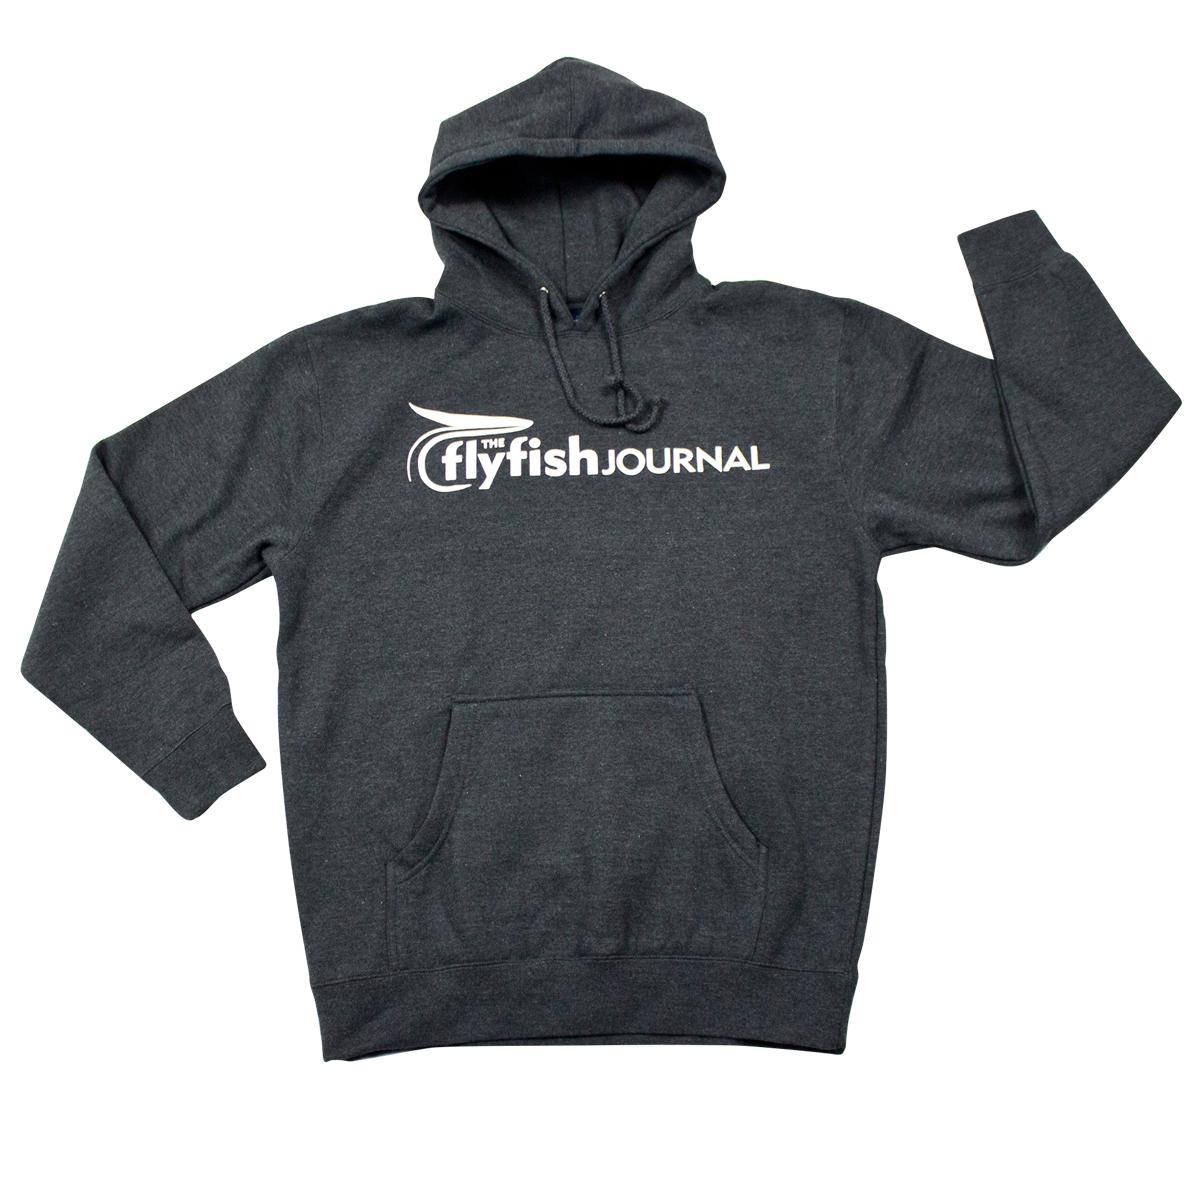 The Flyfish Journal hoodie